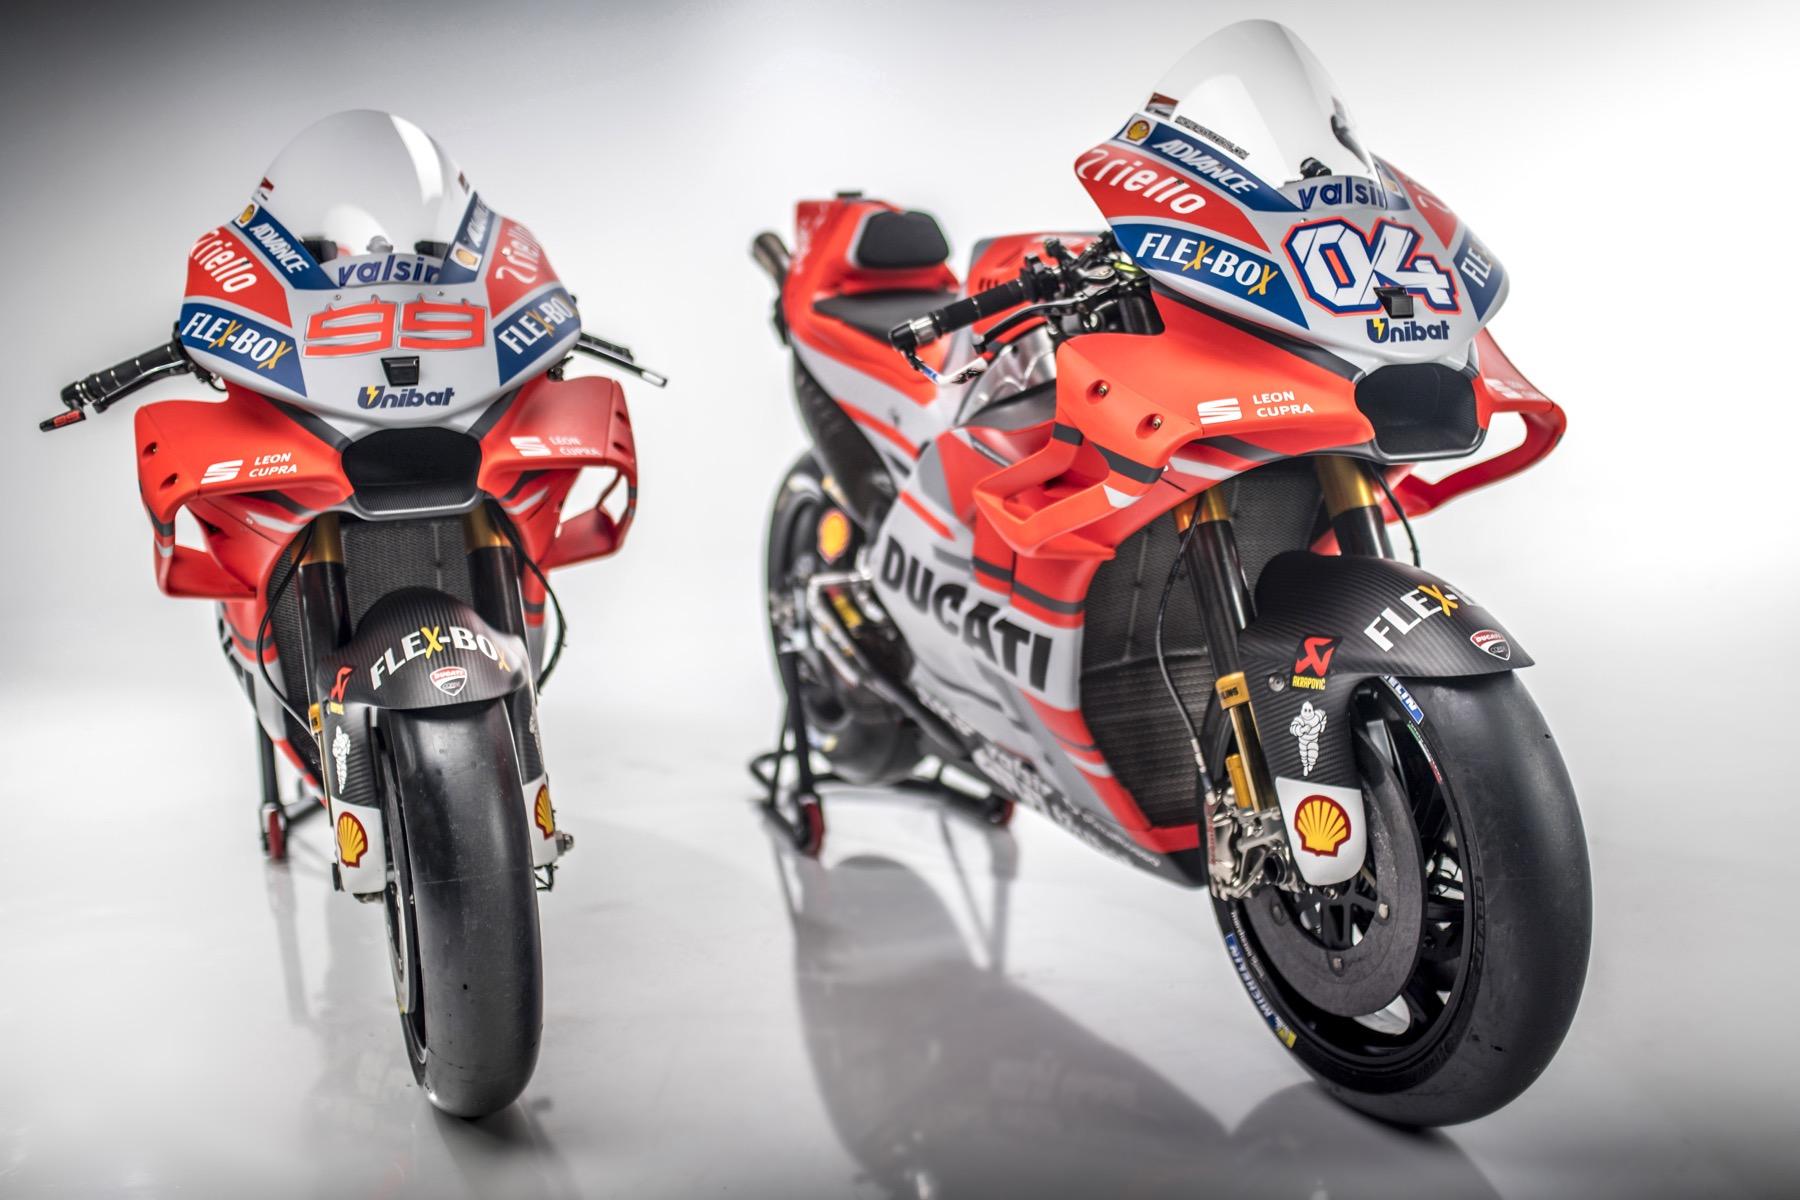 Ducati presenta la Desmosedici GP18 con Andrea Dovizioso y Jorge Lorenzo